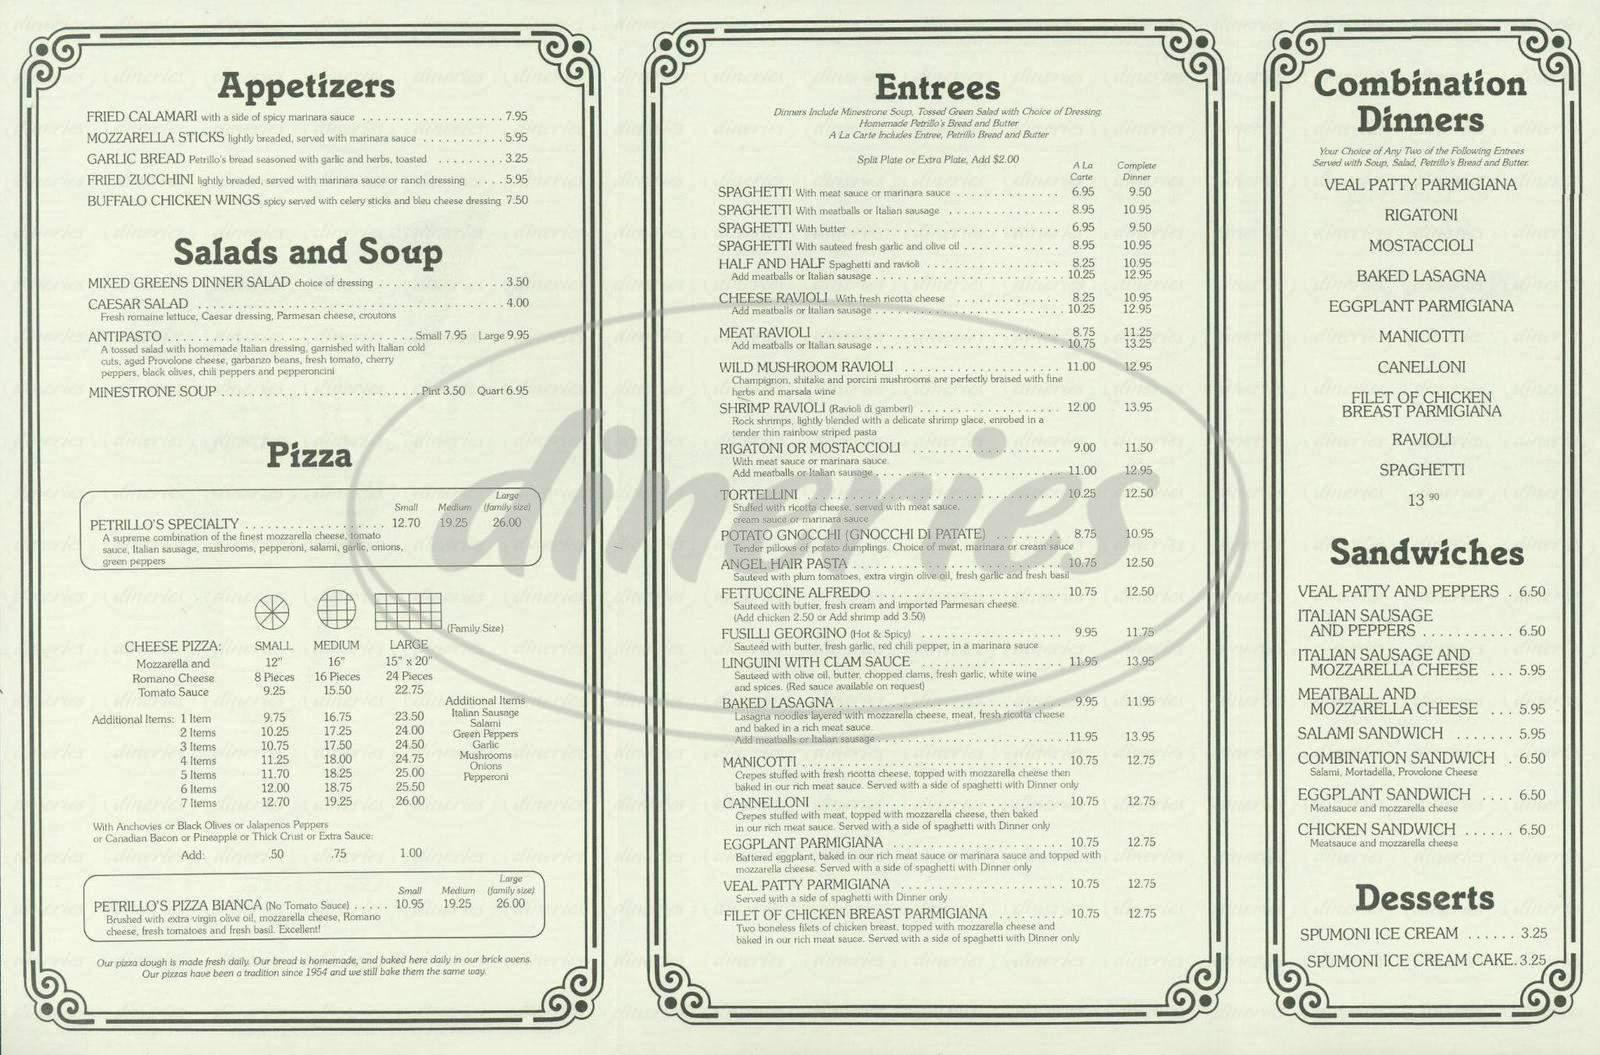 menu for The Original Petrillo's